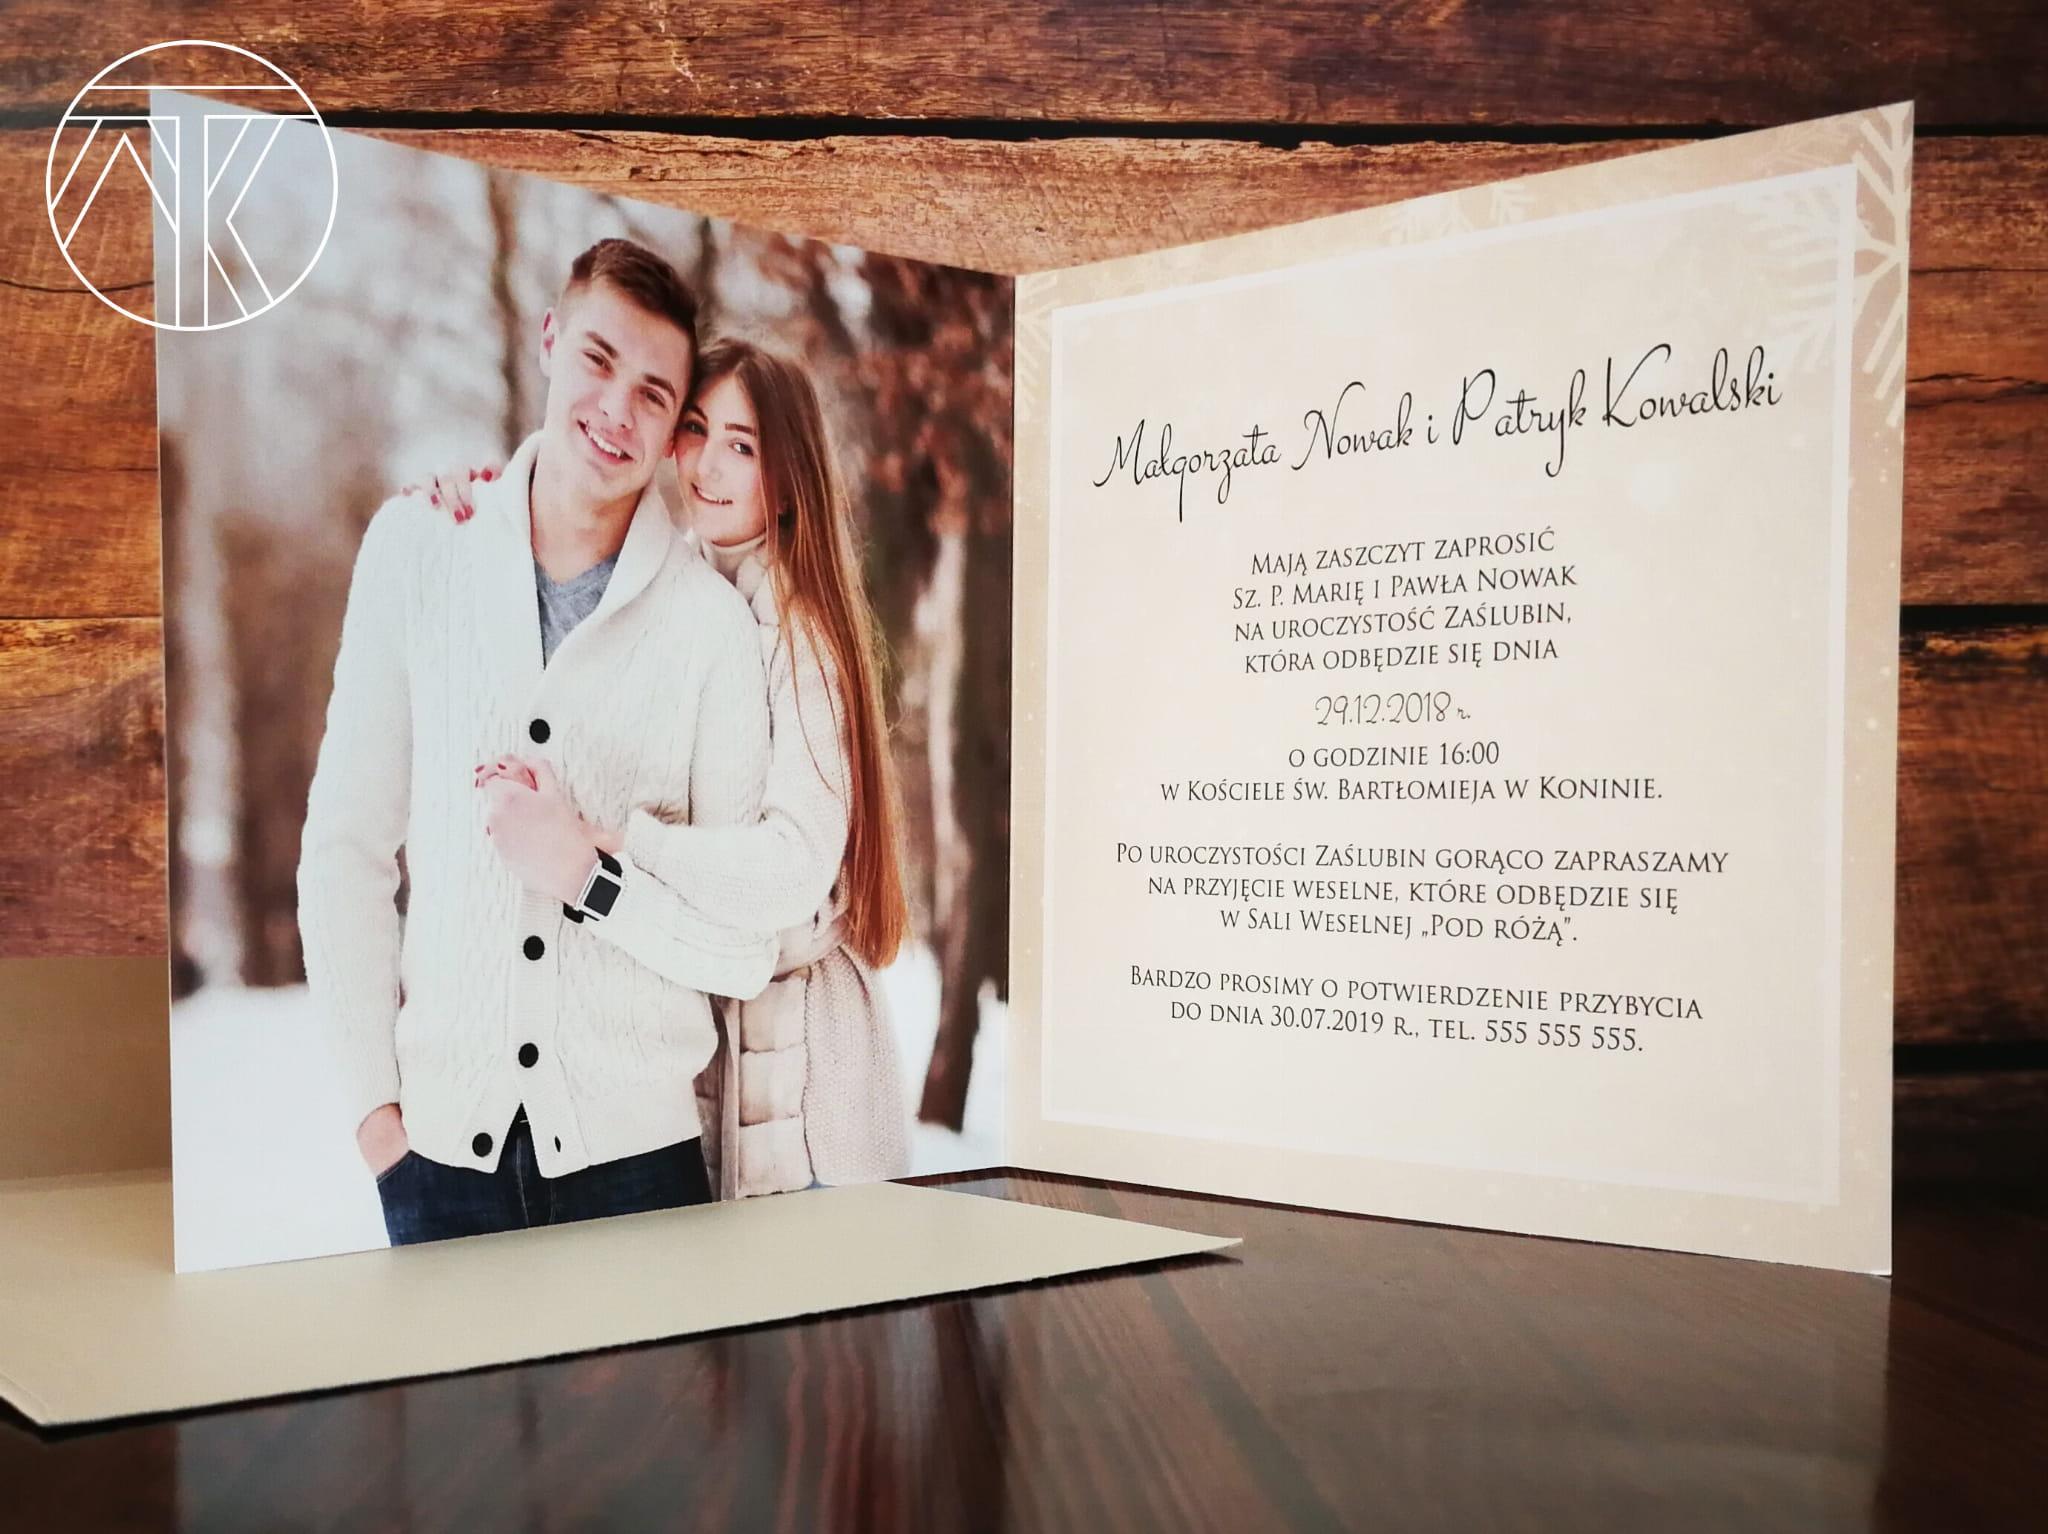 Próbka Zimowe Zaproszenie ślubne Ze Zdjęciem Beż Złote Płatki